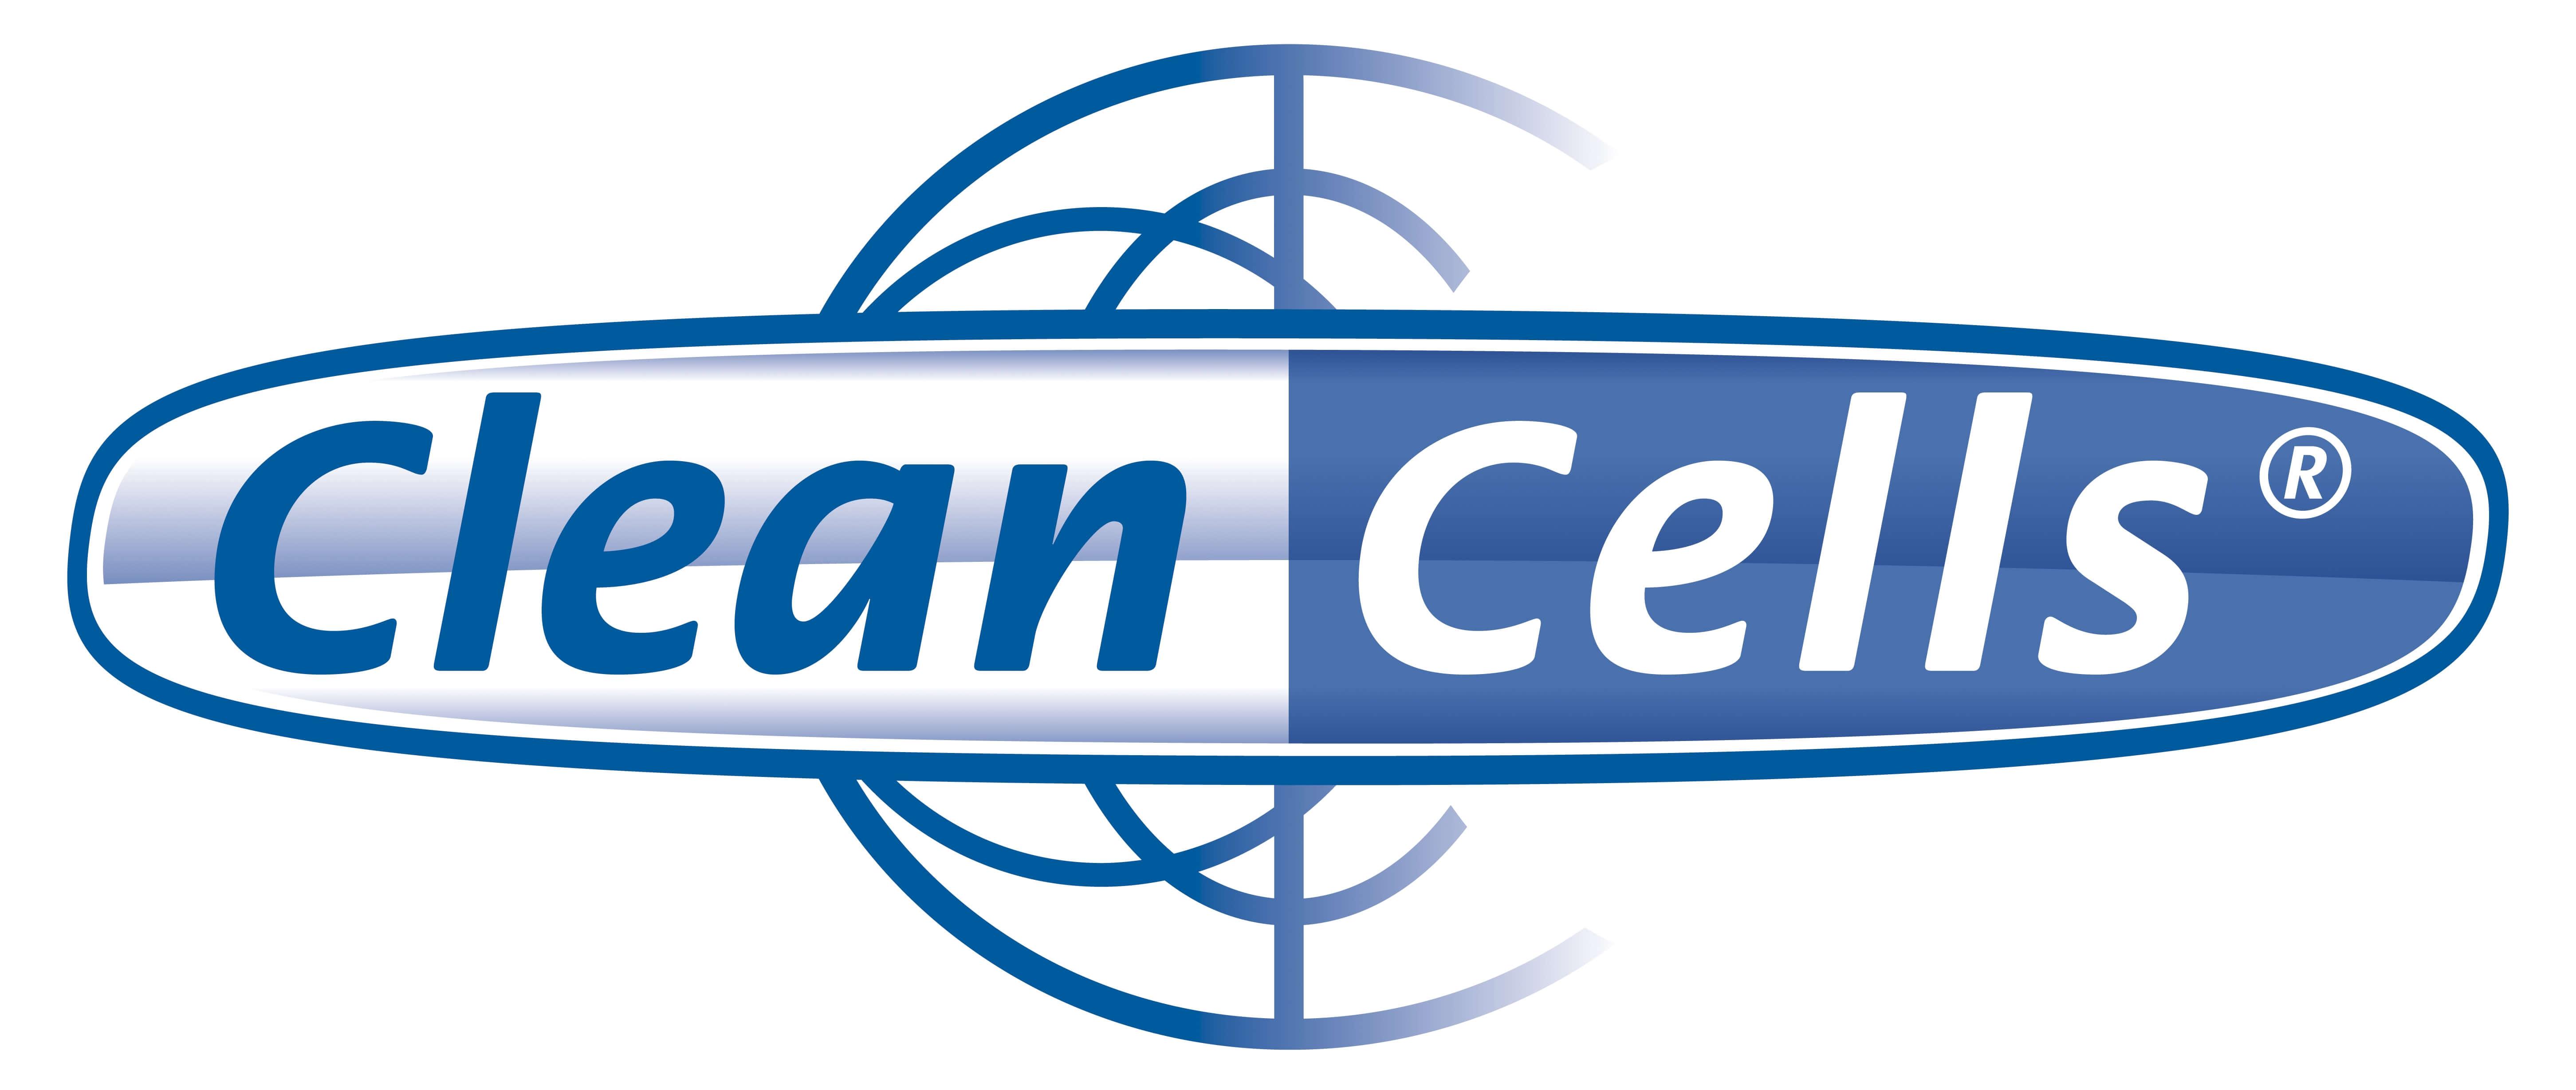 cc_logo_286C_100613_hd